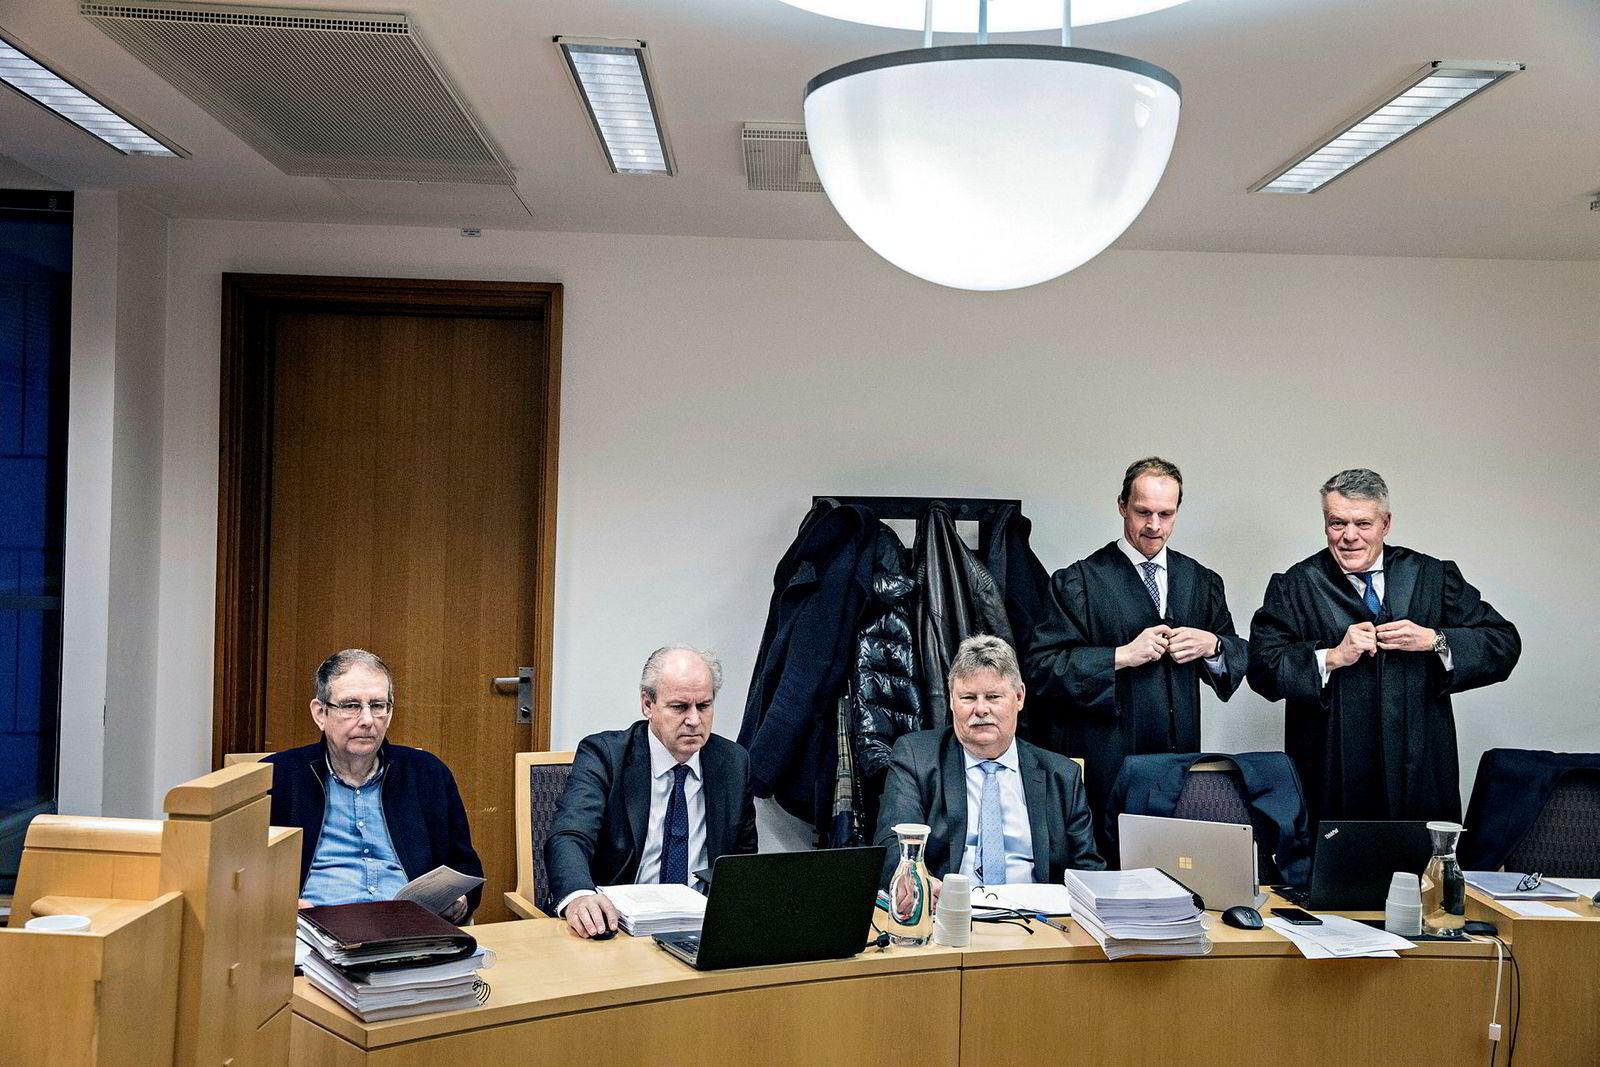 Carl Berg (i midten) tapte på ny kampen om hundrevis av millioner kroner mot Olav Thon. Her er (fra venstre), John Thunes fra Coop Sørvest, medaksjonær Gunnar Skaar, Berg samt advokatene Christian Reusch og Peter Simonsen fra behandlingen i tingretten.